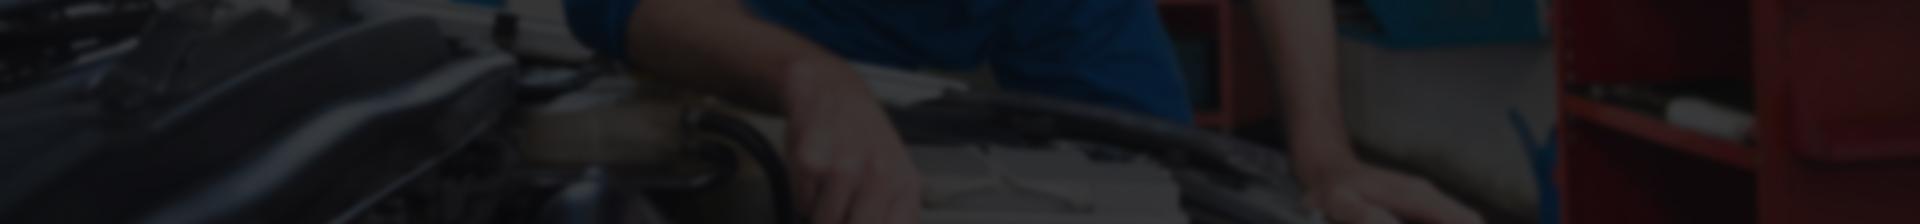 Inbanner Cnt